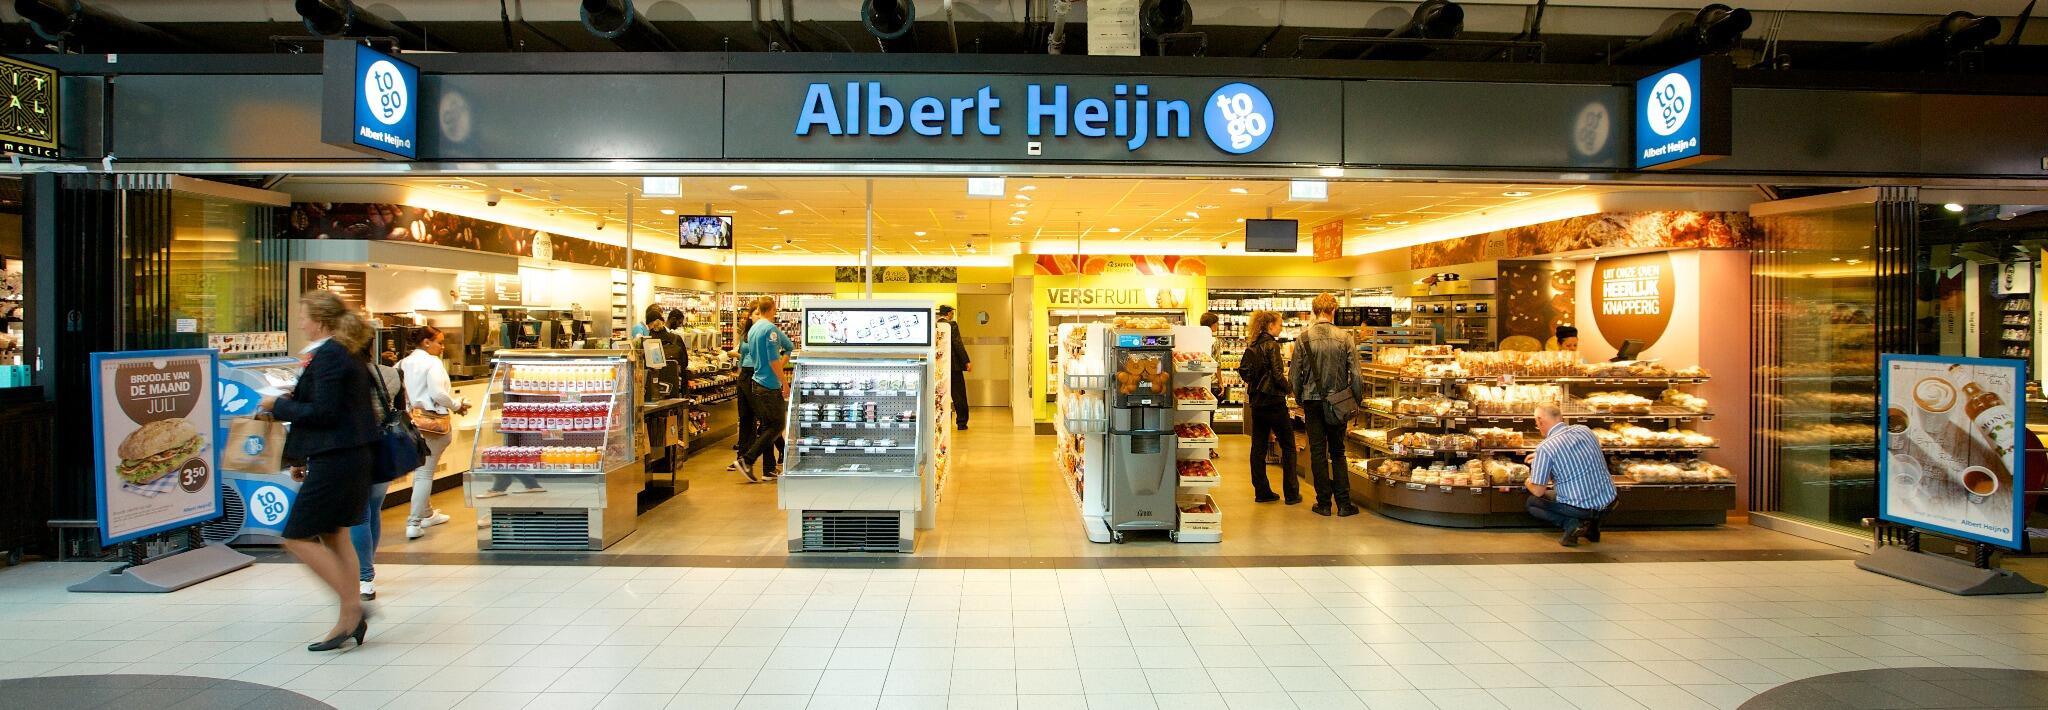 Albert Heijn Pers on T...